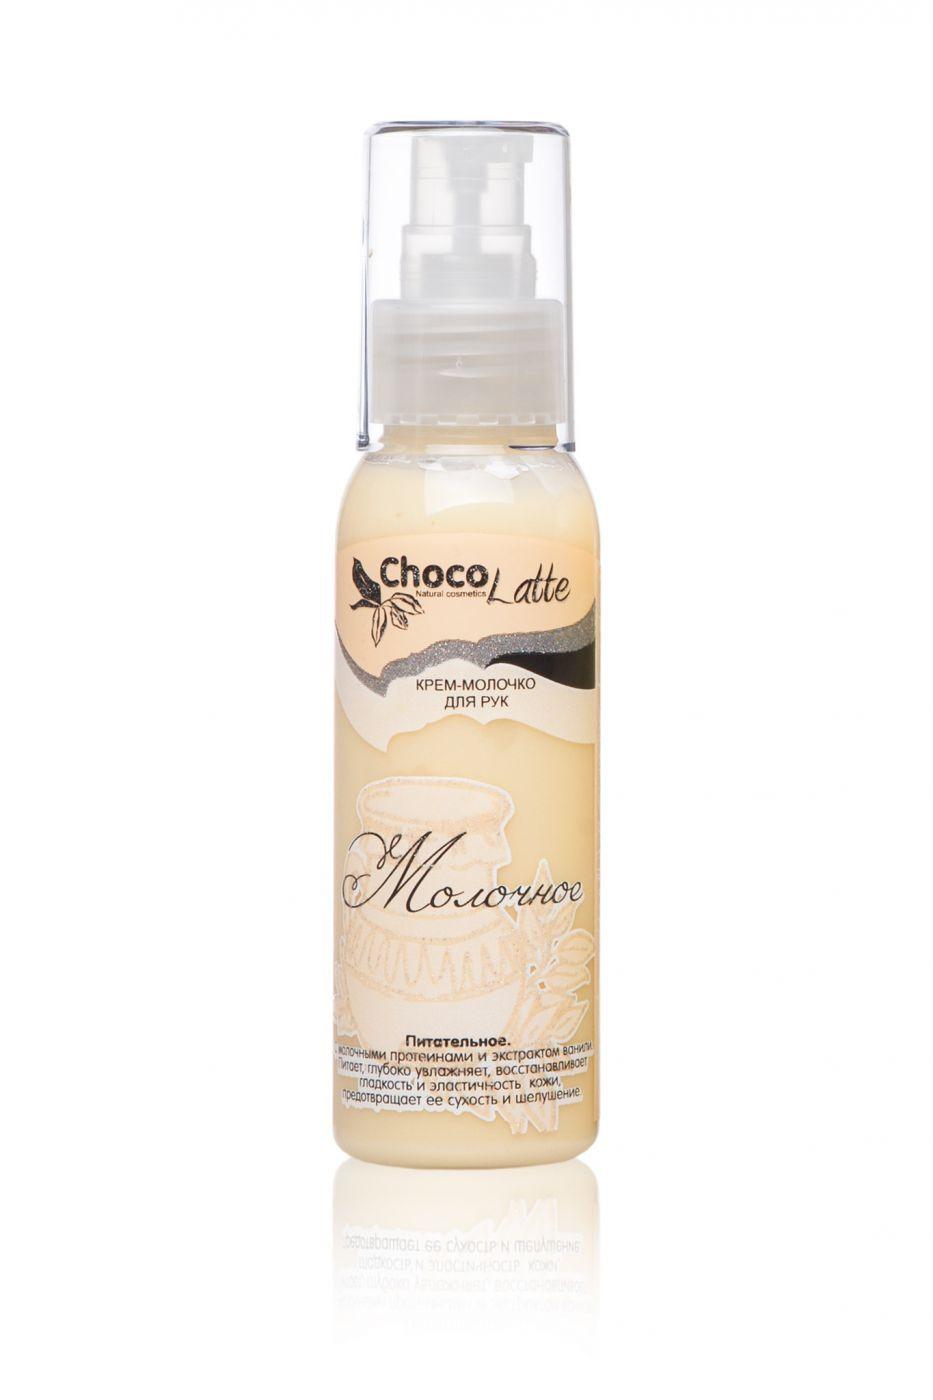 Крем-молочко для рук МОЛОЧНОЕ Питательное/ для сухой кожи, 100ml